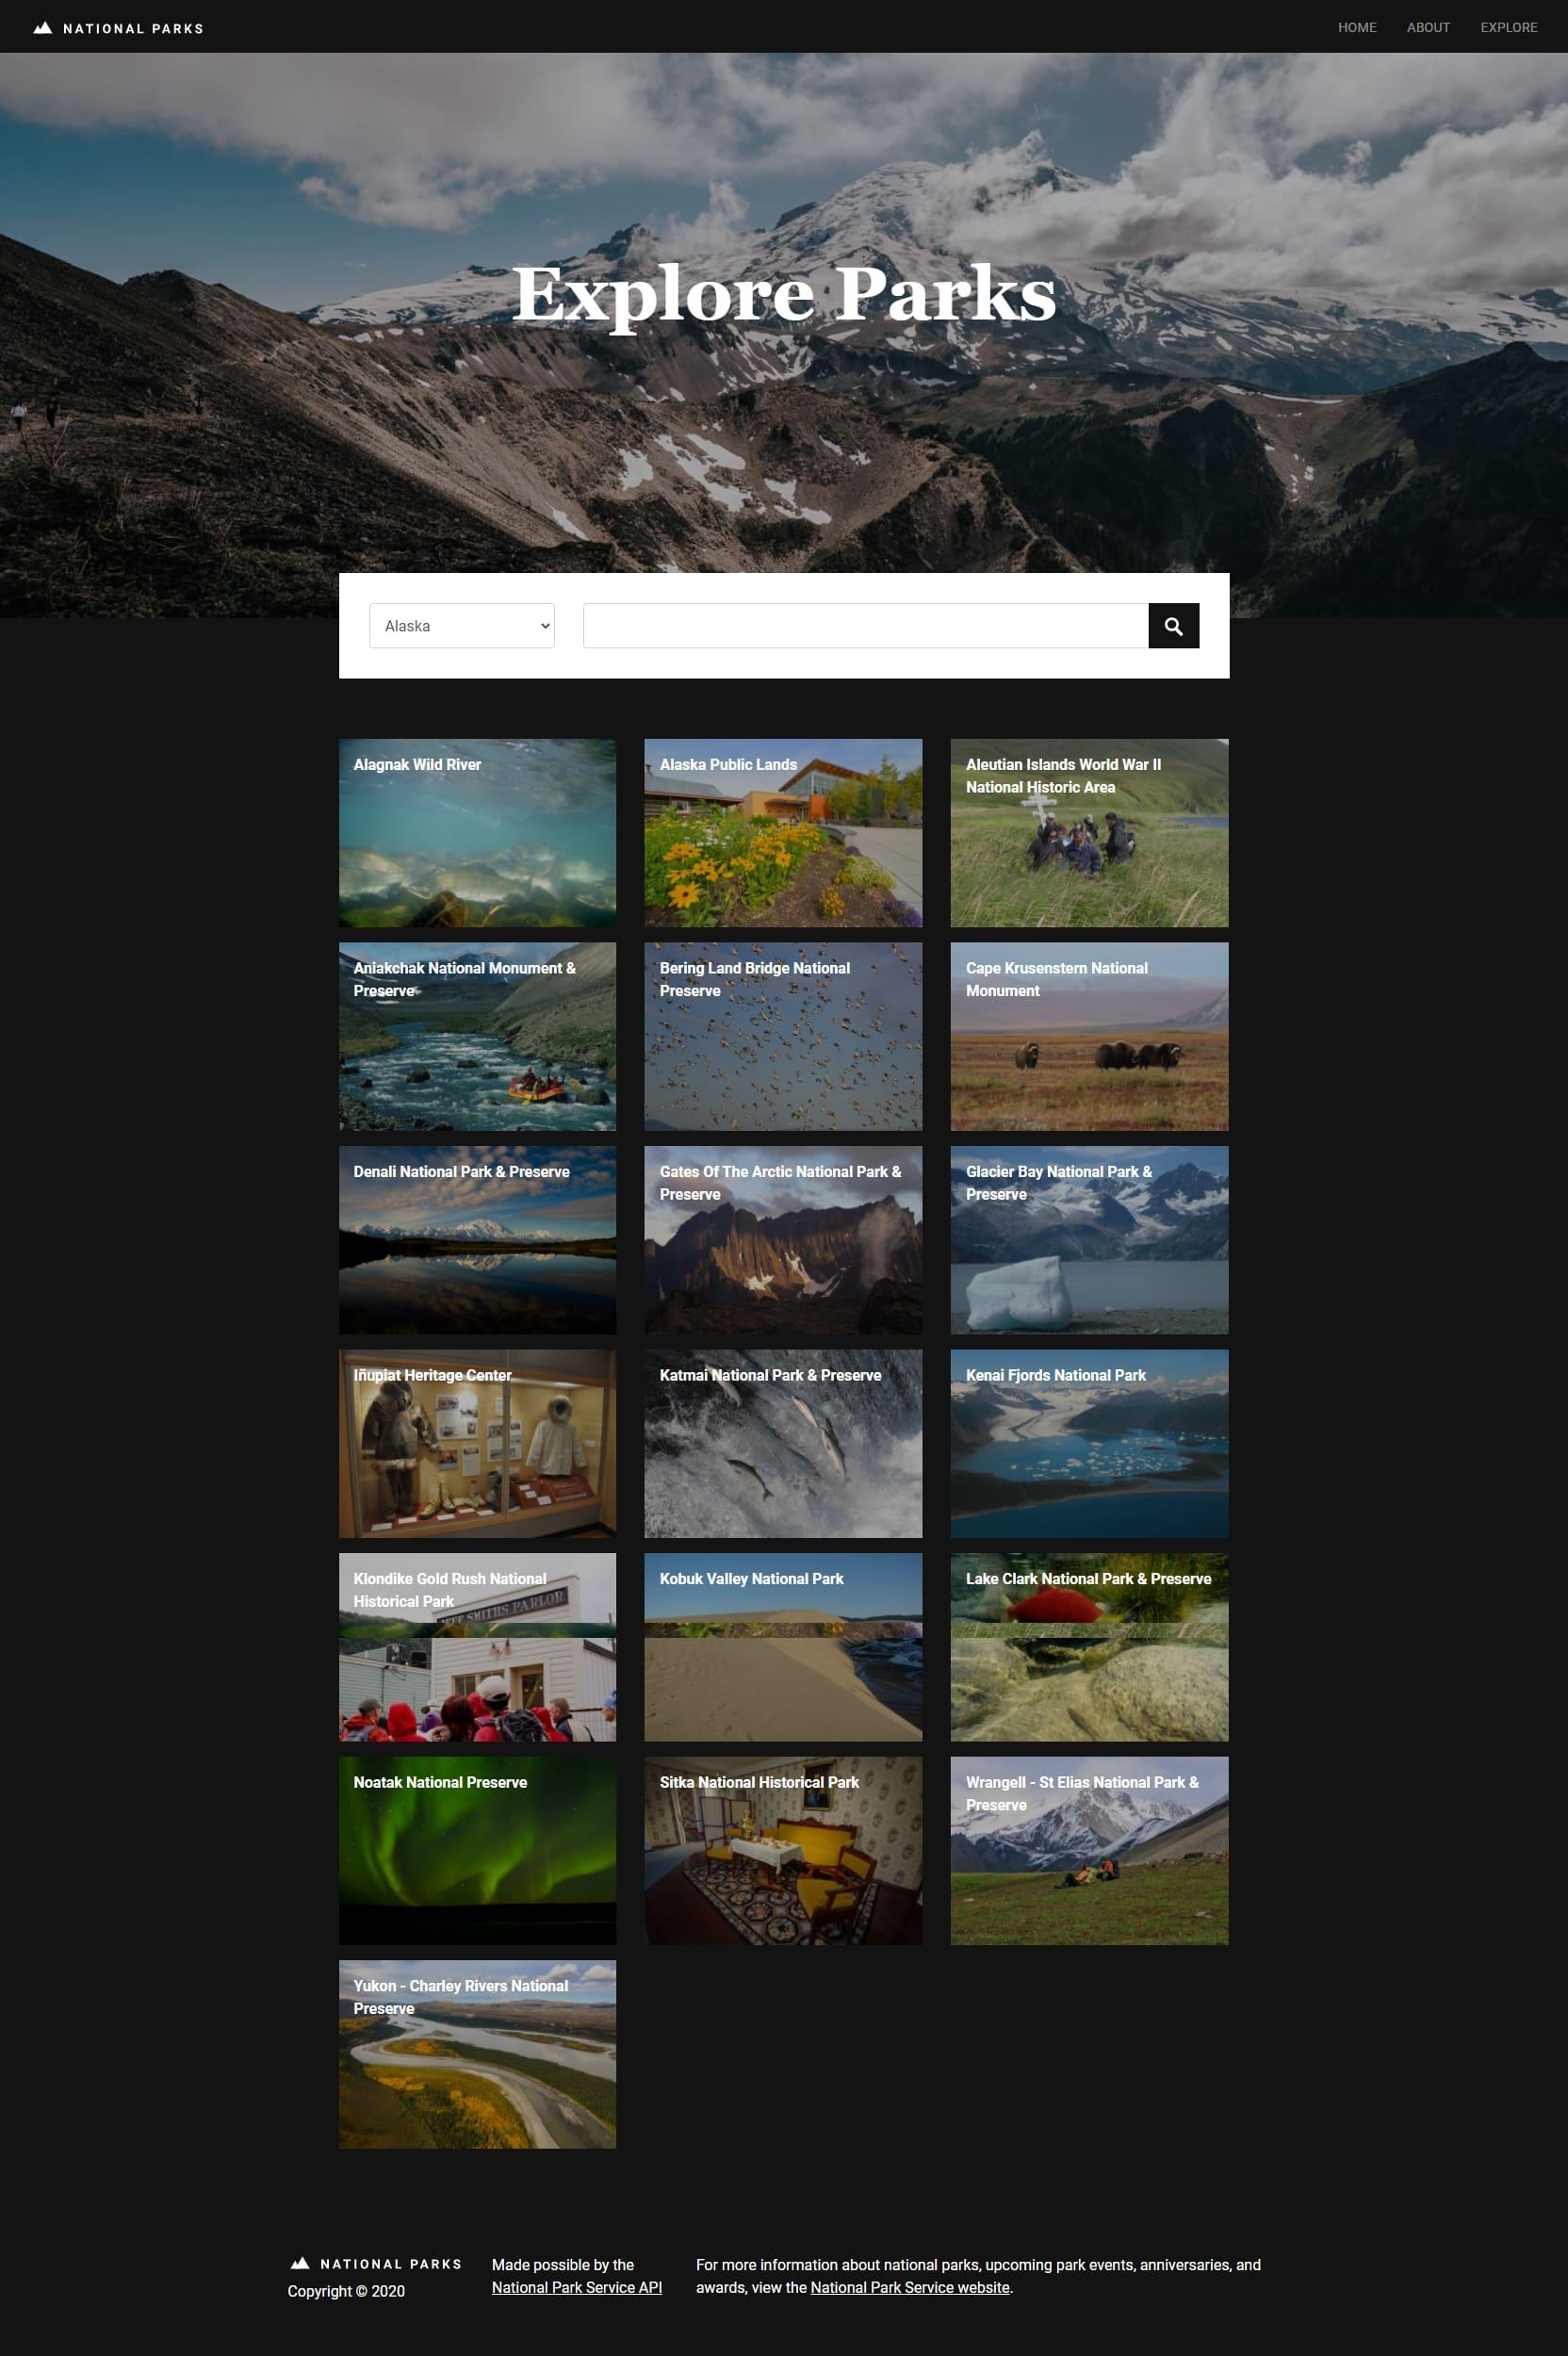 National parks - Explore